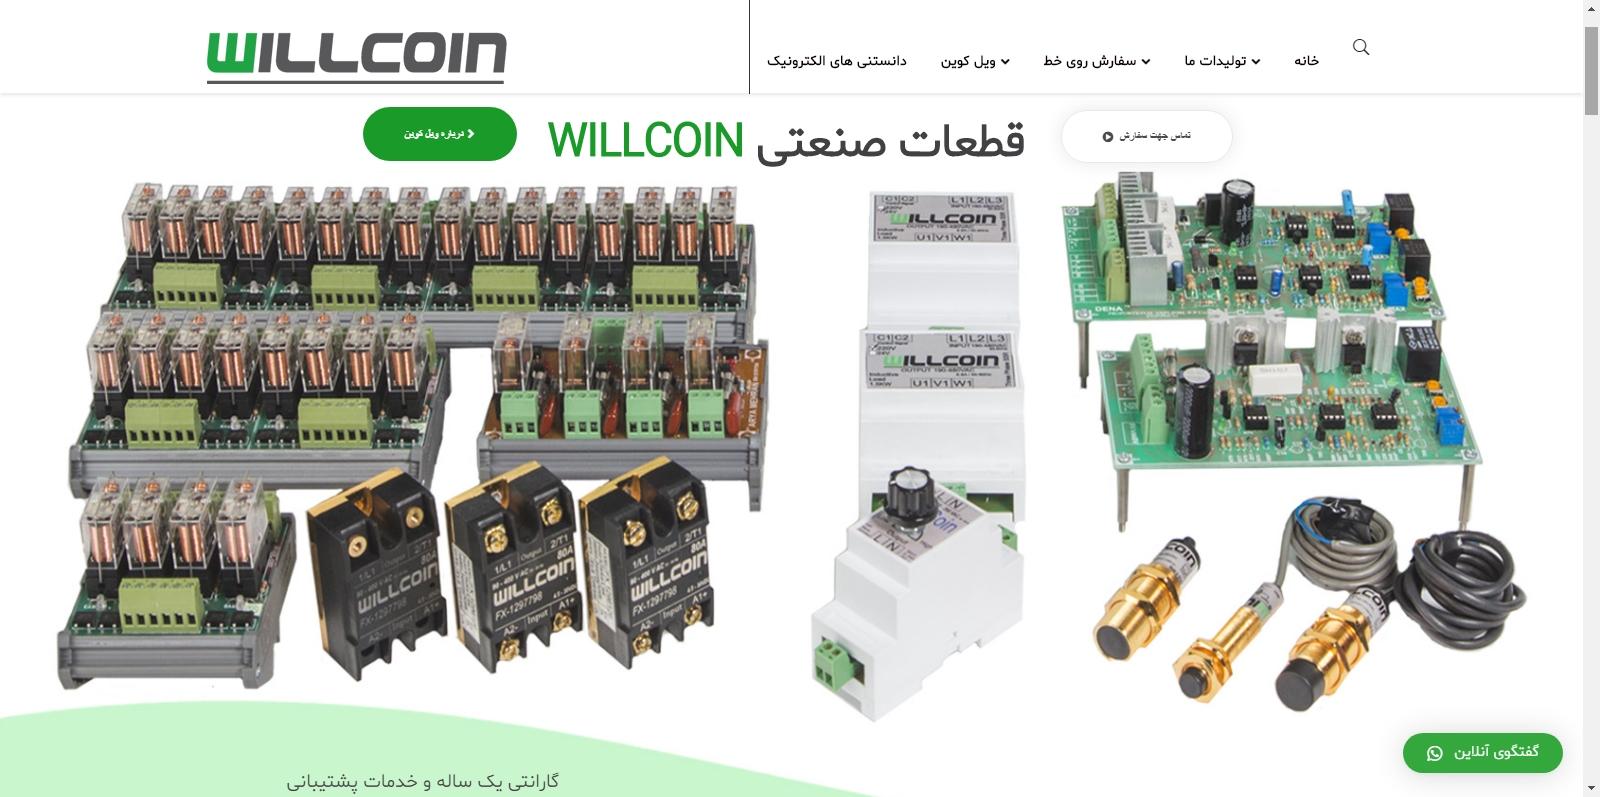 screenshot 20200526 000637 - willcoin.ir